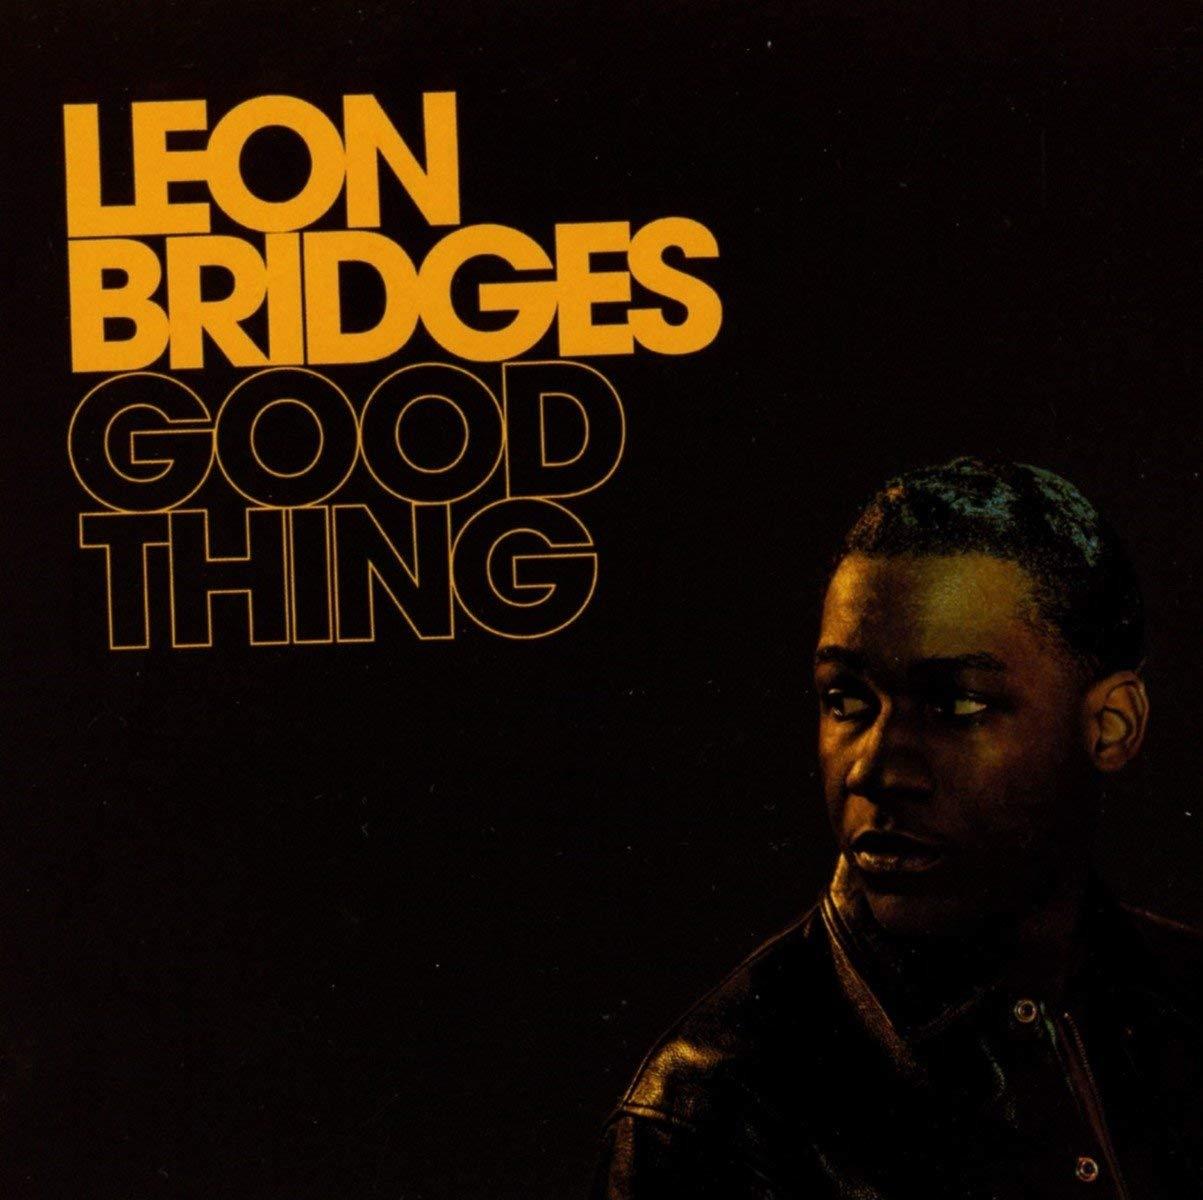 LEON BRIDGES   Good Thing, 2018, Ricky Reed, King Garbage, & Nate Mercereau, 34:46